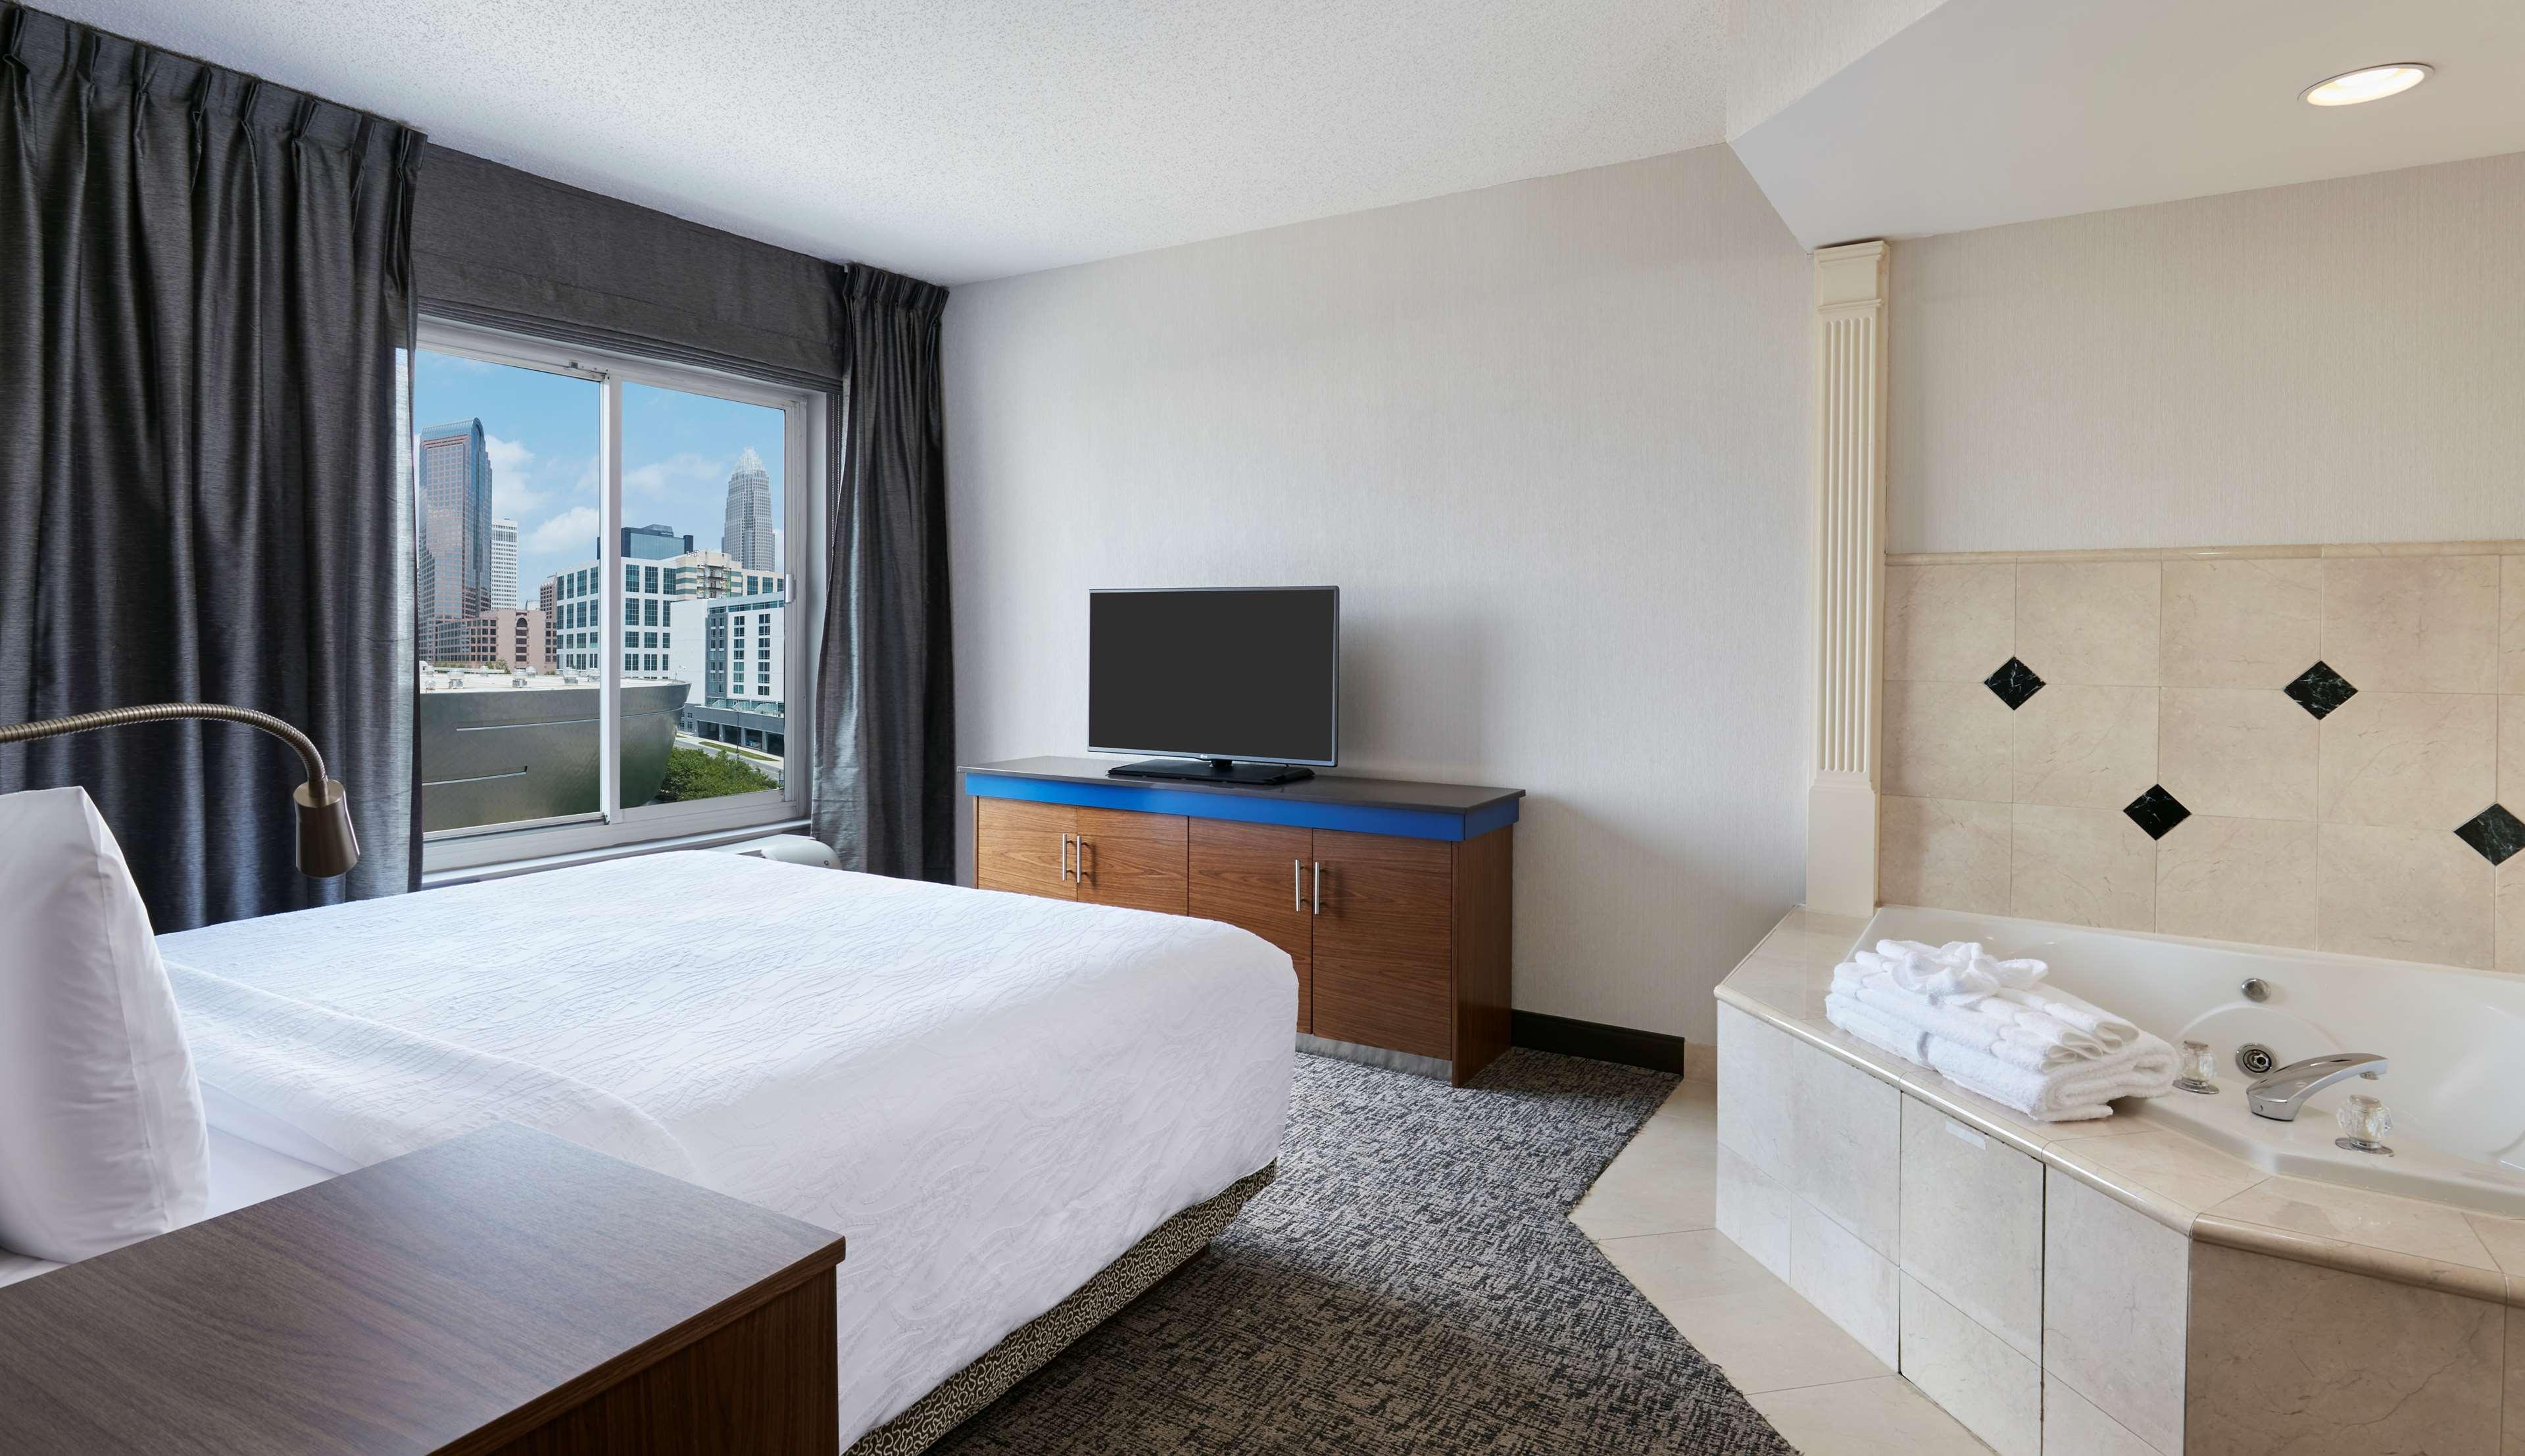 Hilton Garden Inn Charlotte Uptown image 17